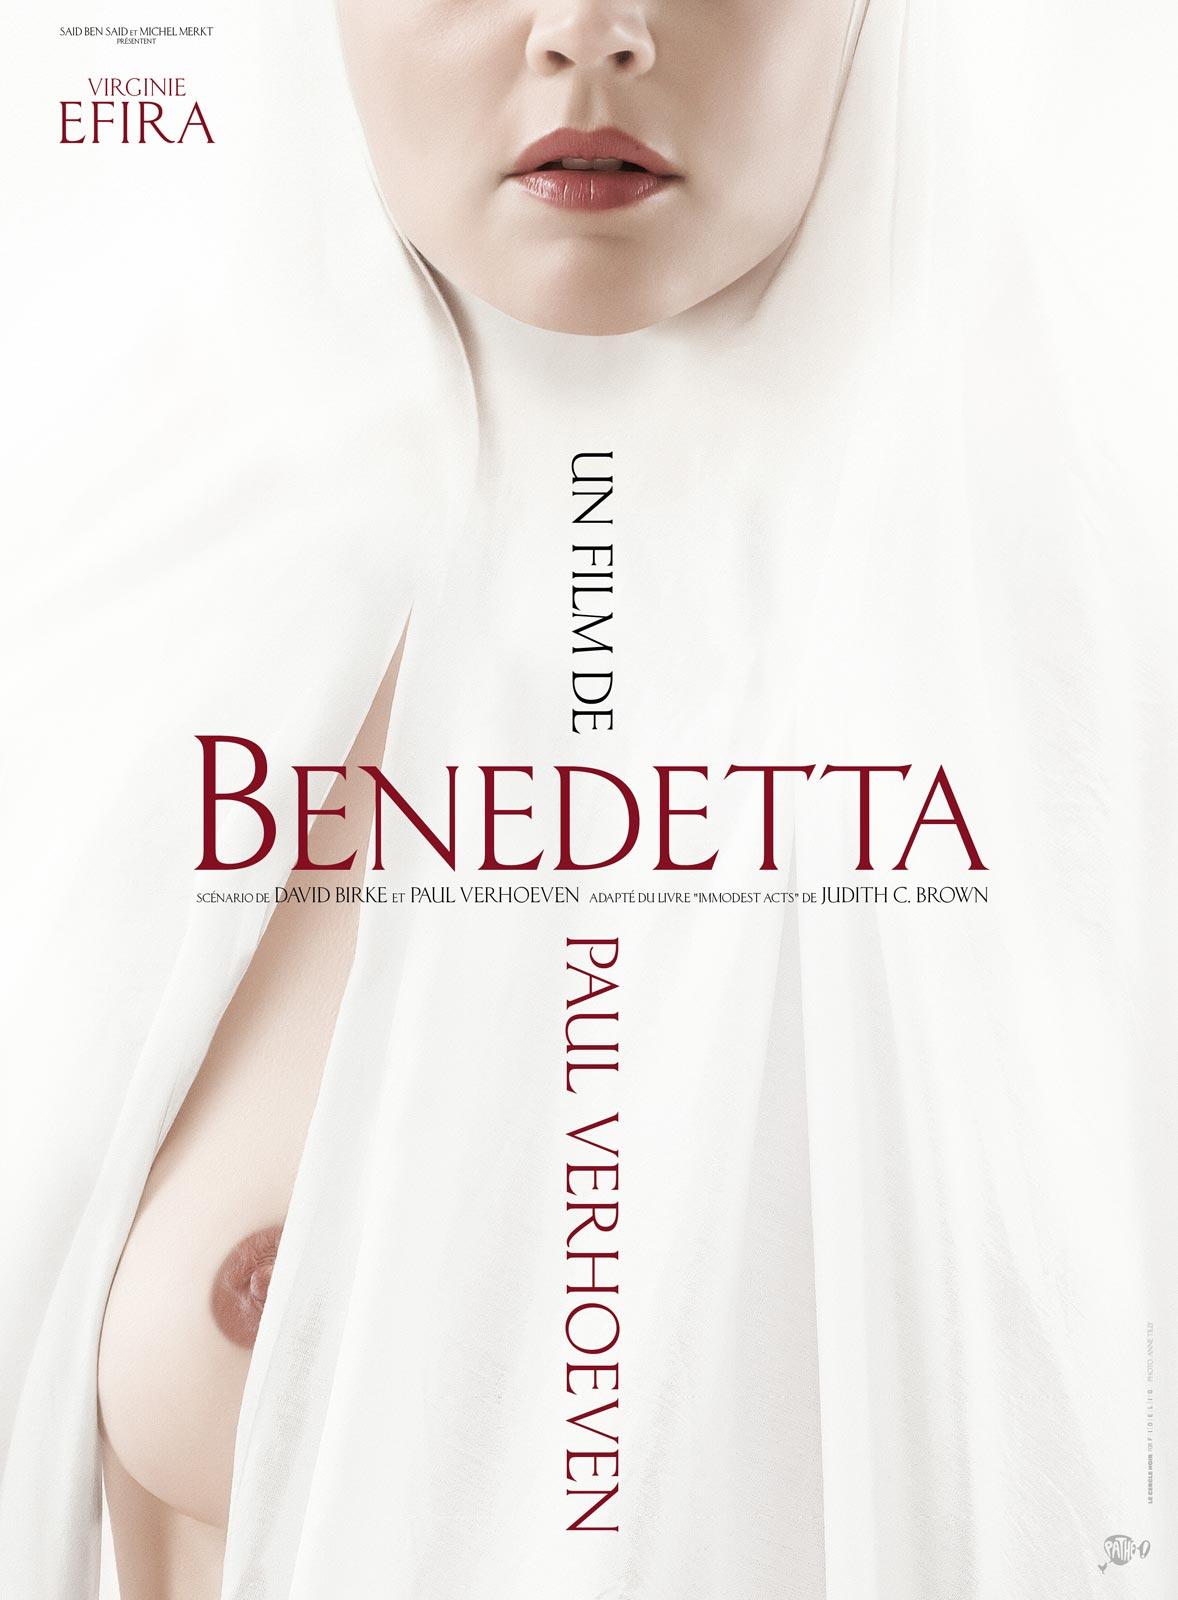 Sainte Vierge (Blessed Virgin) : le prochain film de Verhoeven